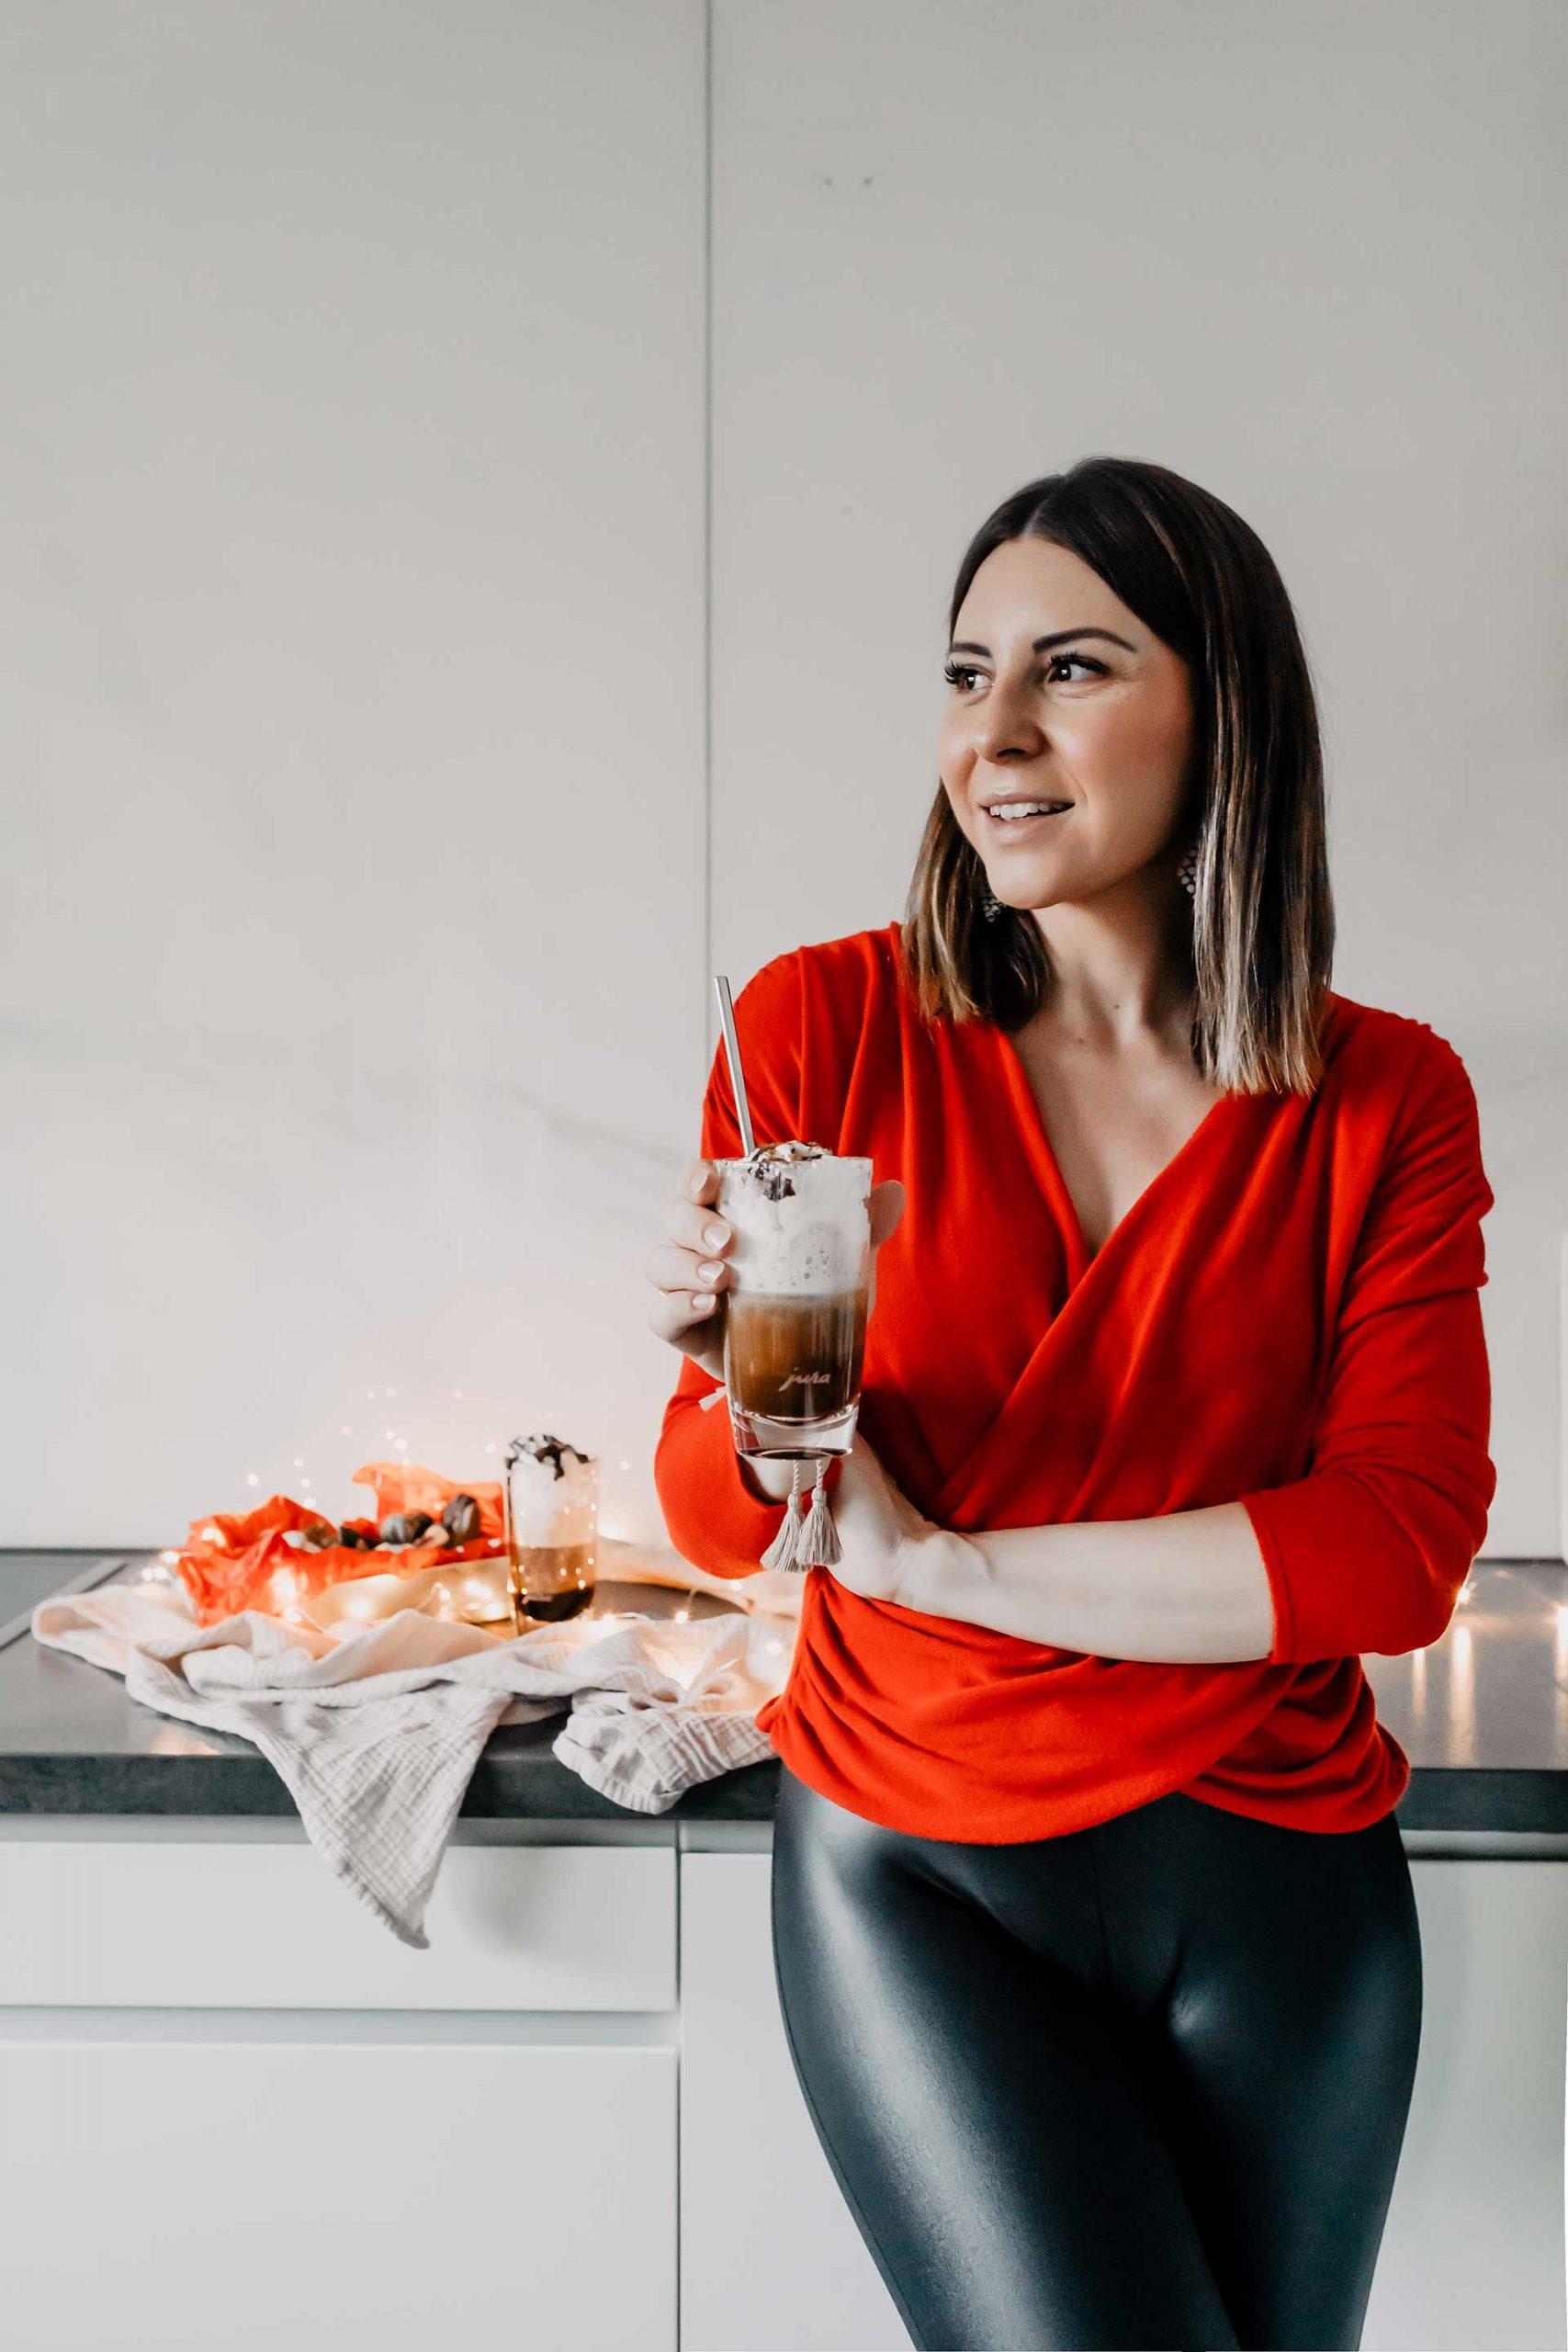 Anzeige. Am Blog findest du ein leckeres Kaffeerezept für Weihnachten. Der einfache Lebkuchen-Cappuccino ist schnell gemacht und schmeckt so gut! www.whoismocca.com